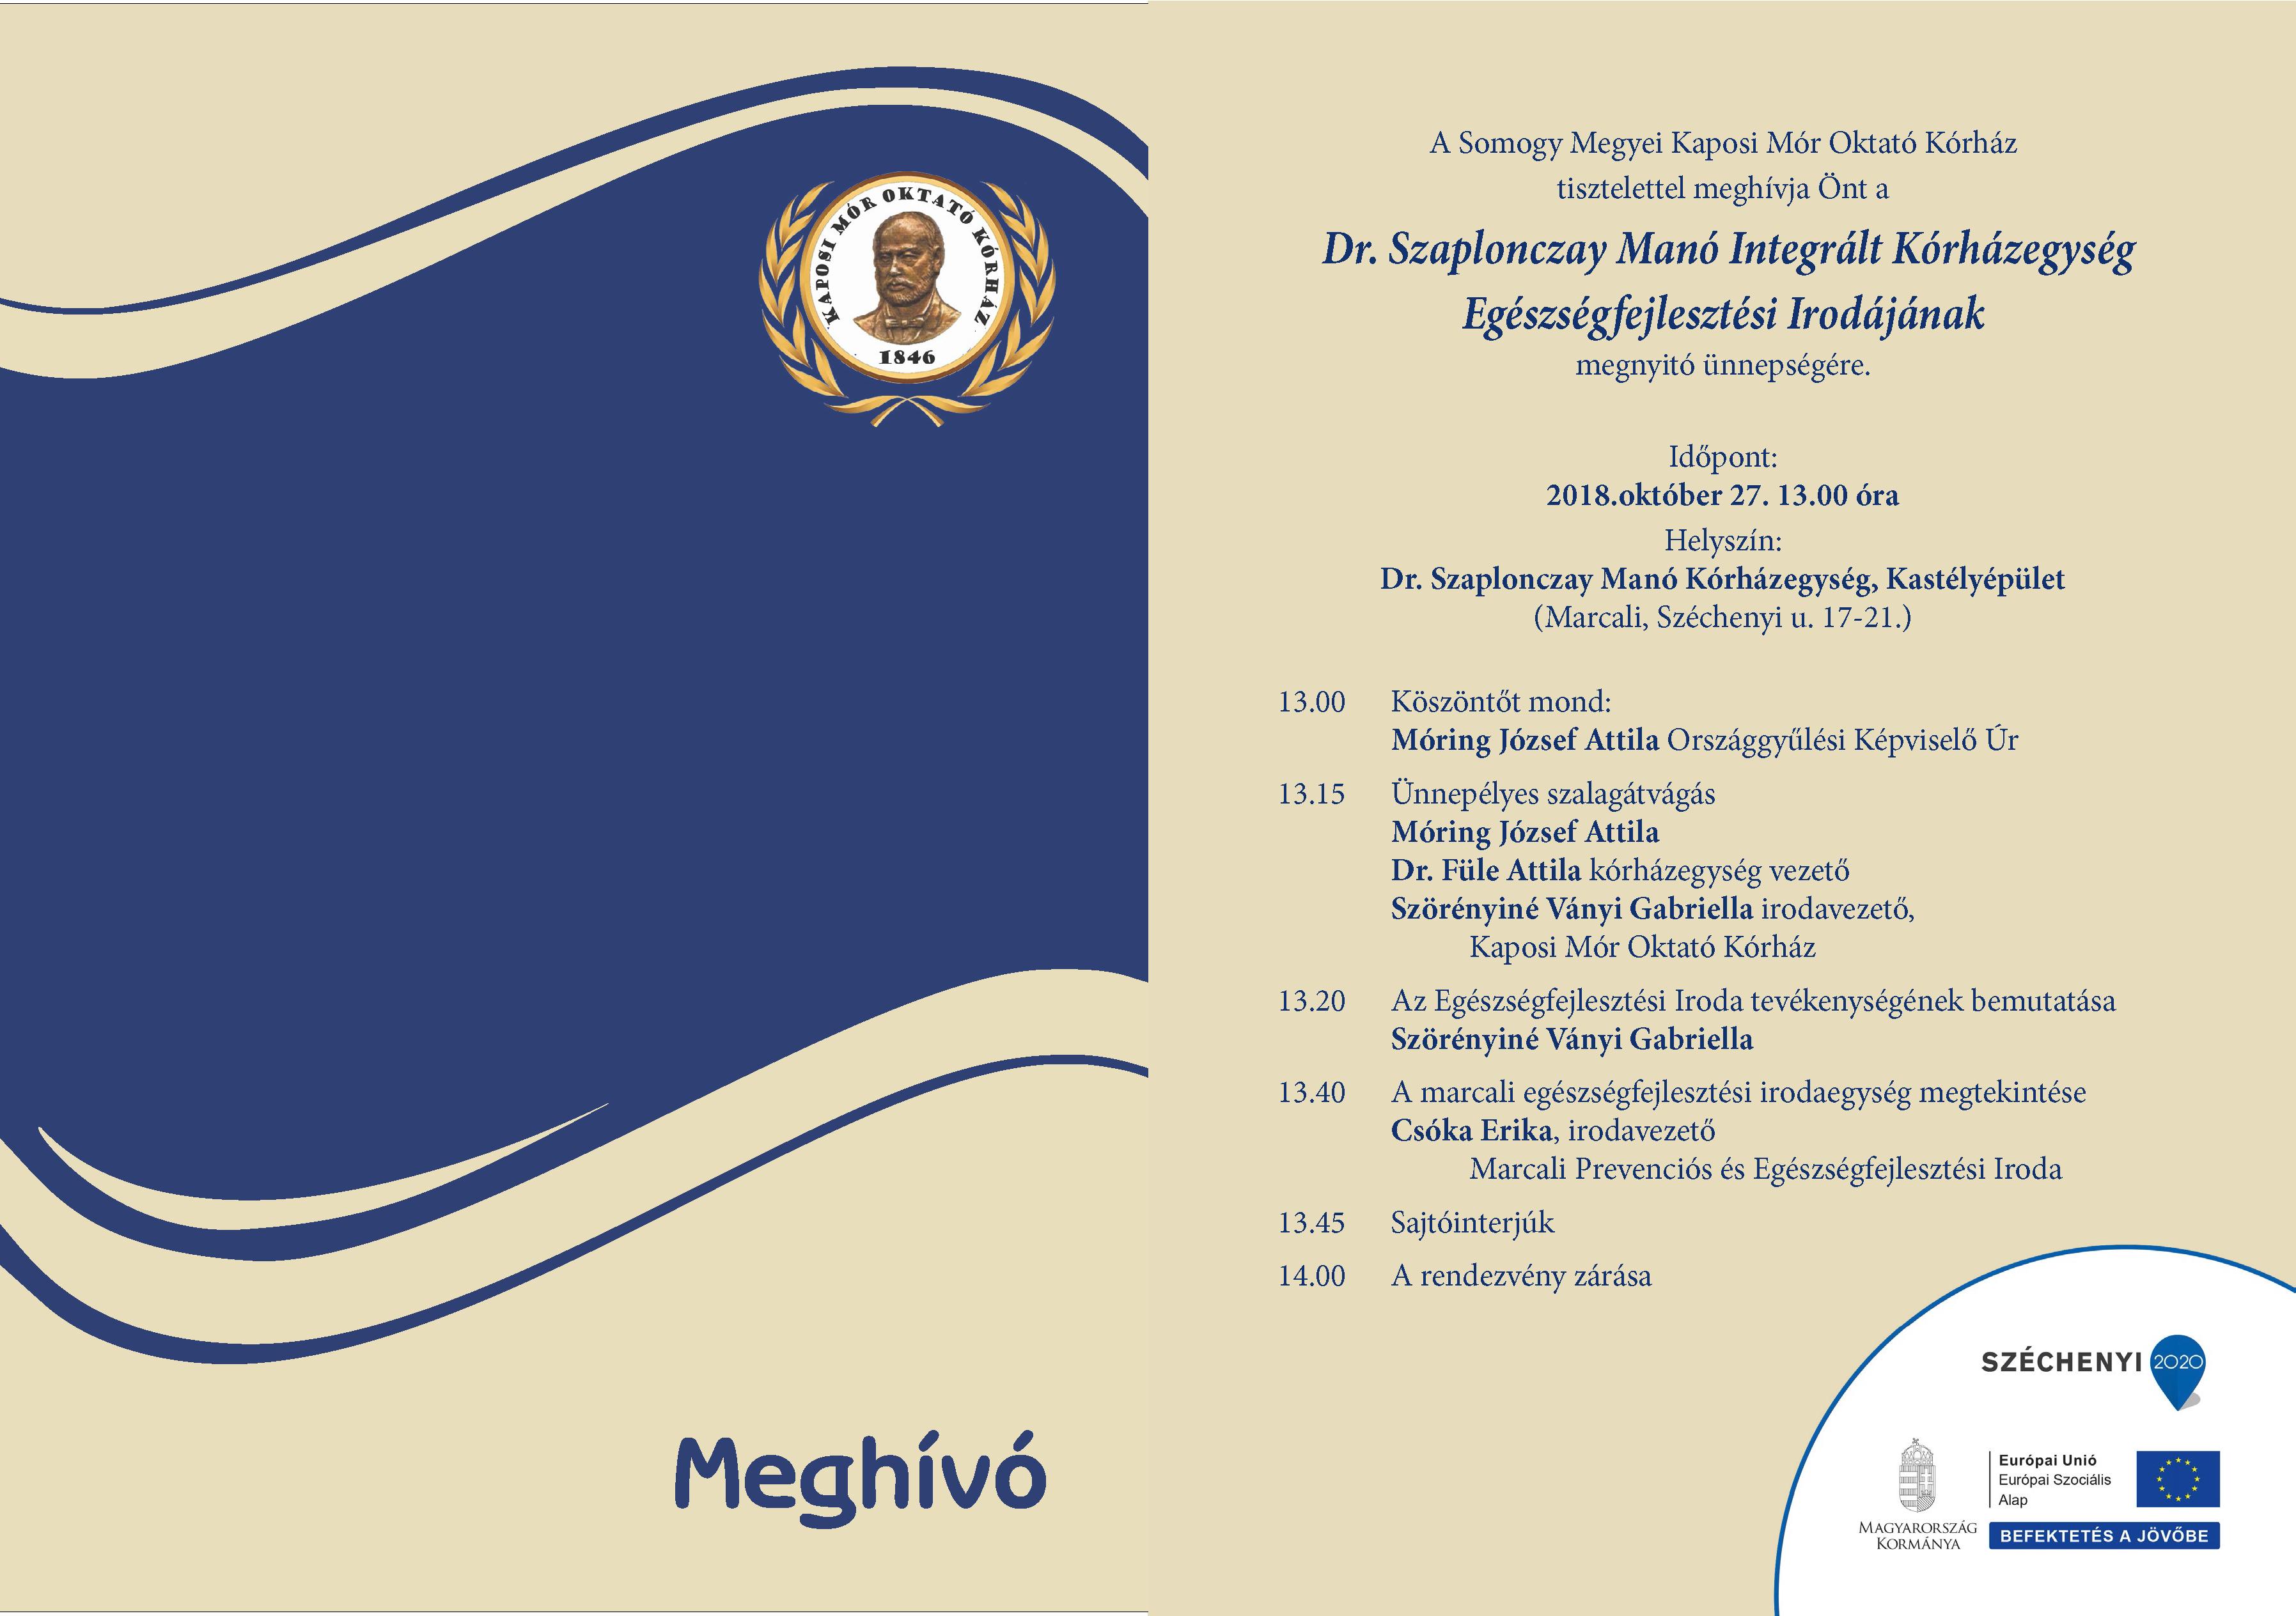 MEGHÍVÓ a Dr. Szaplonczay Manó Integrált Kórházegység Egészségfejlesztési Irodájának megnyitó ünnepségére